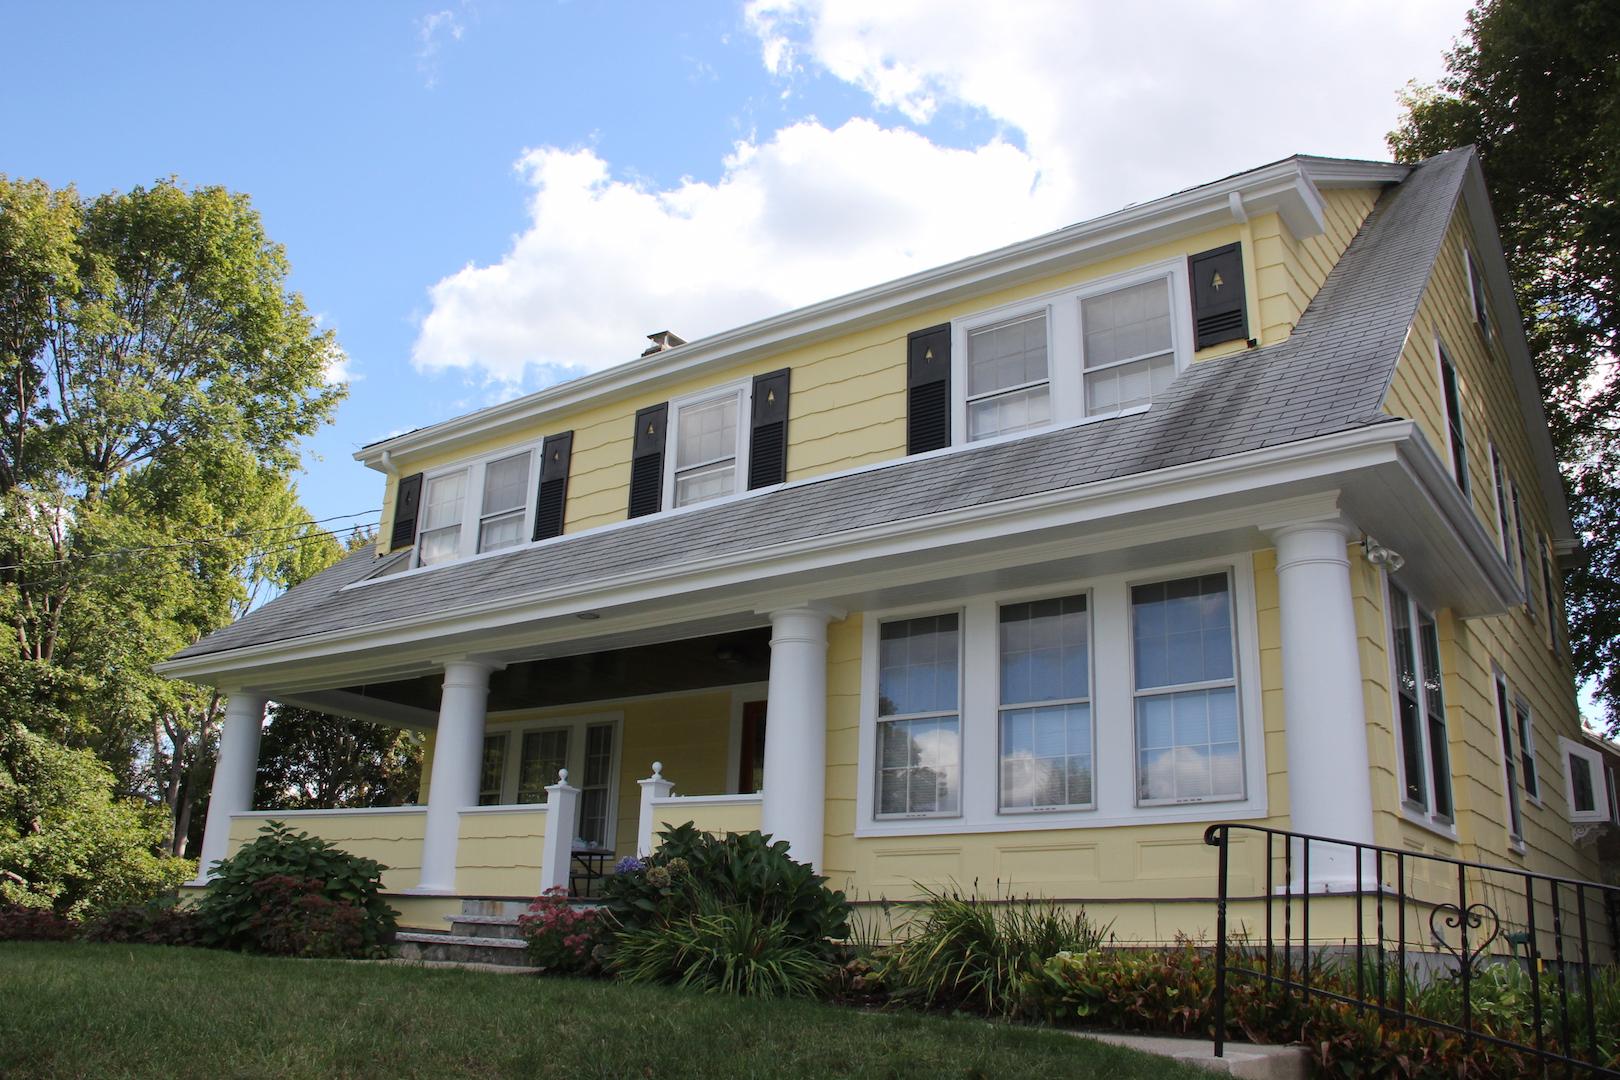 Maison unifamiliale pour l Vente à 22 Hutchinson Road Arlington, Massachusetts, 02474 États-Unis